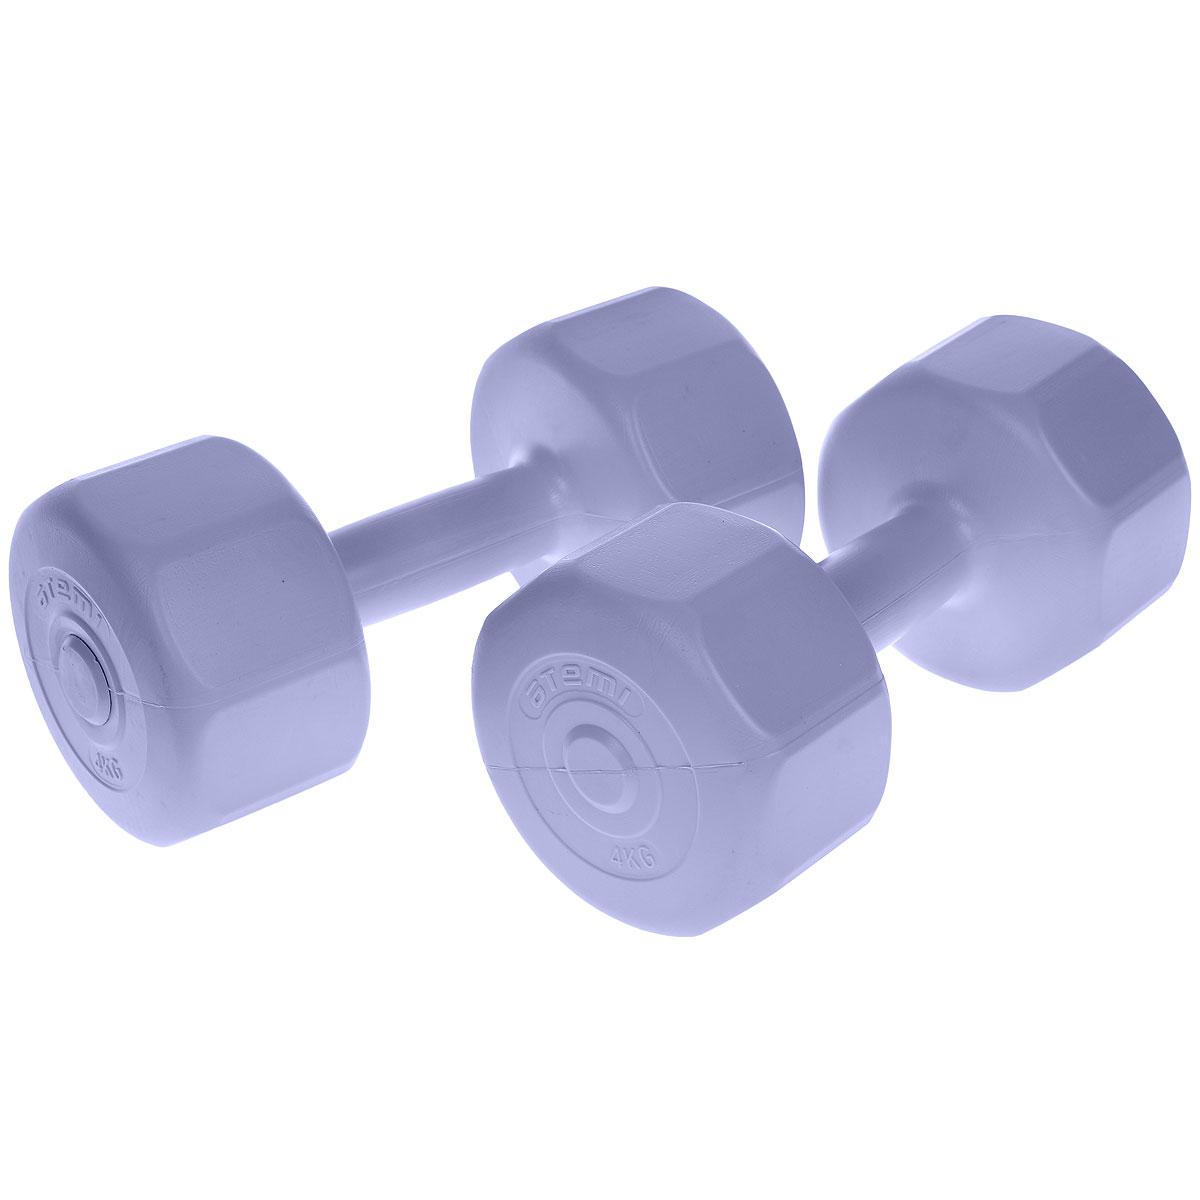 Гантели виниловые Atemi, цвет: фиолетовый, 4 кг, 2 штУТ-00008258Гантели Atemi специальной формы против качения идеально подходят как для тренировок дома, так и в офисе. Гантели помогают укрепить мышцы рук, грудной клетки, верхней части спины и плеч.